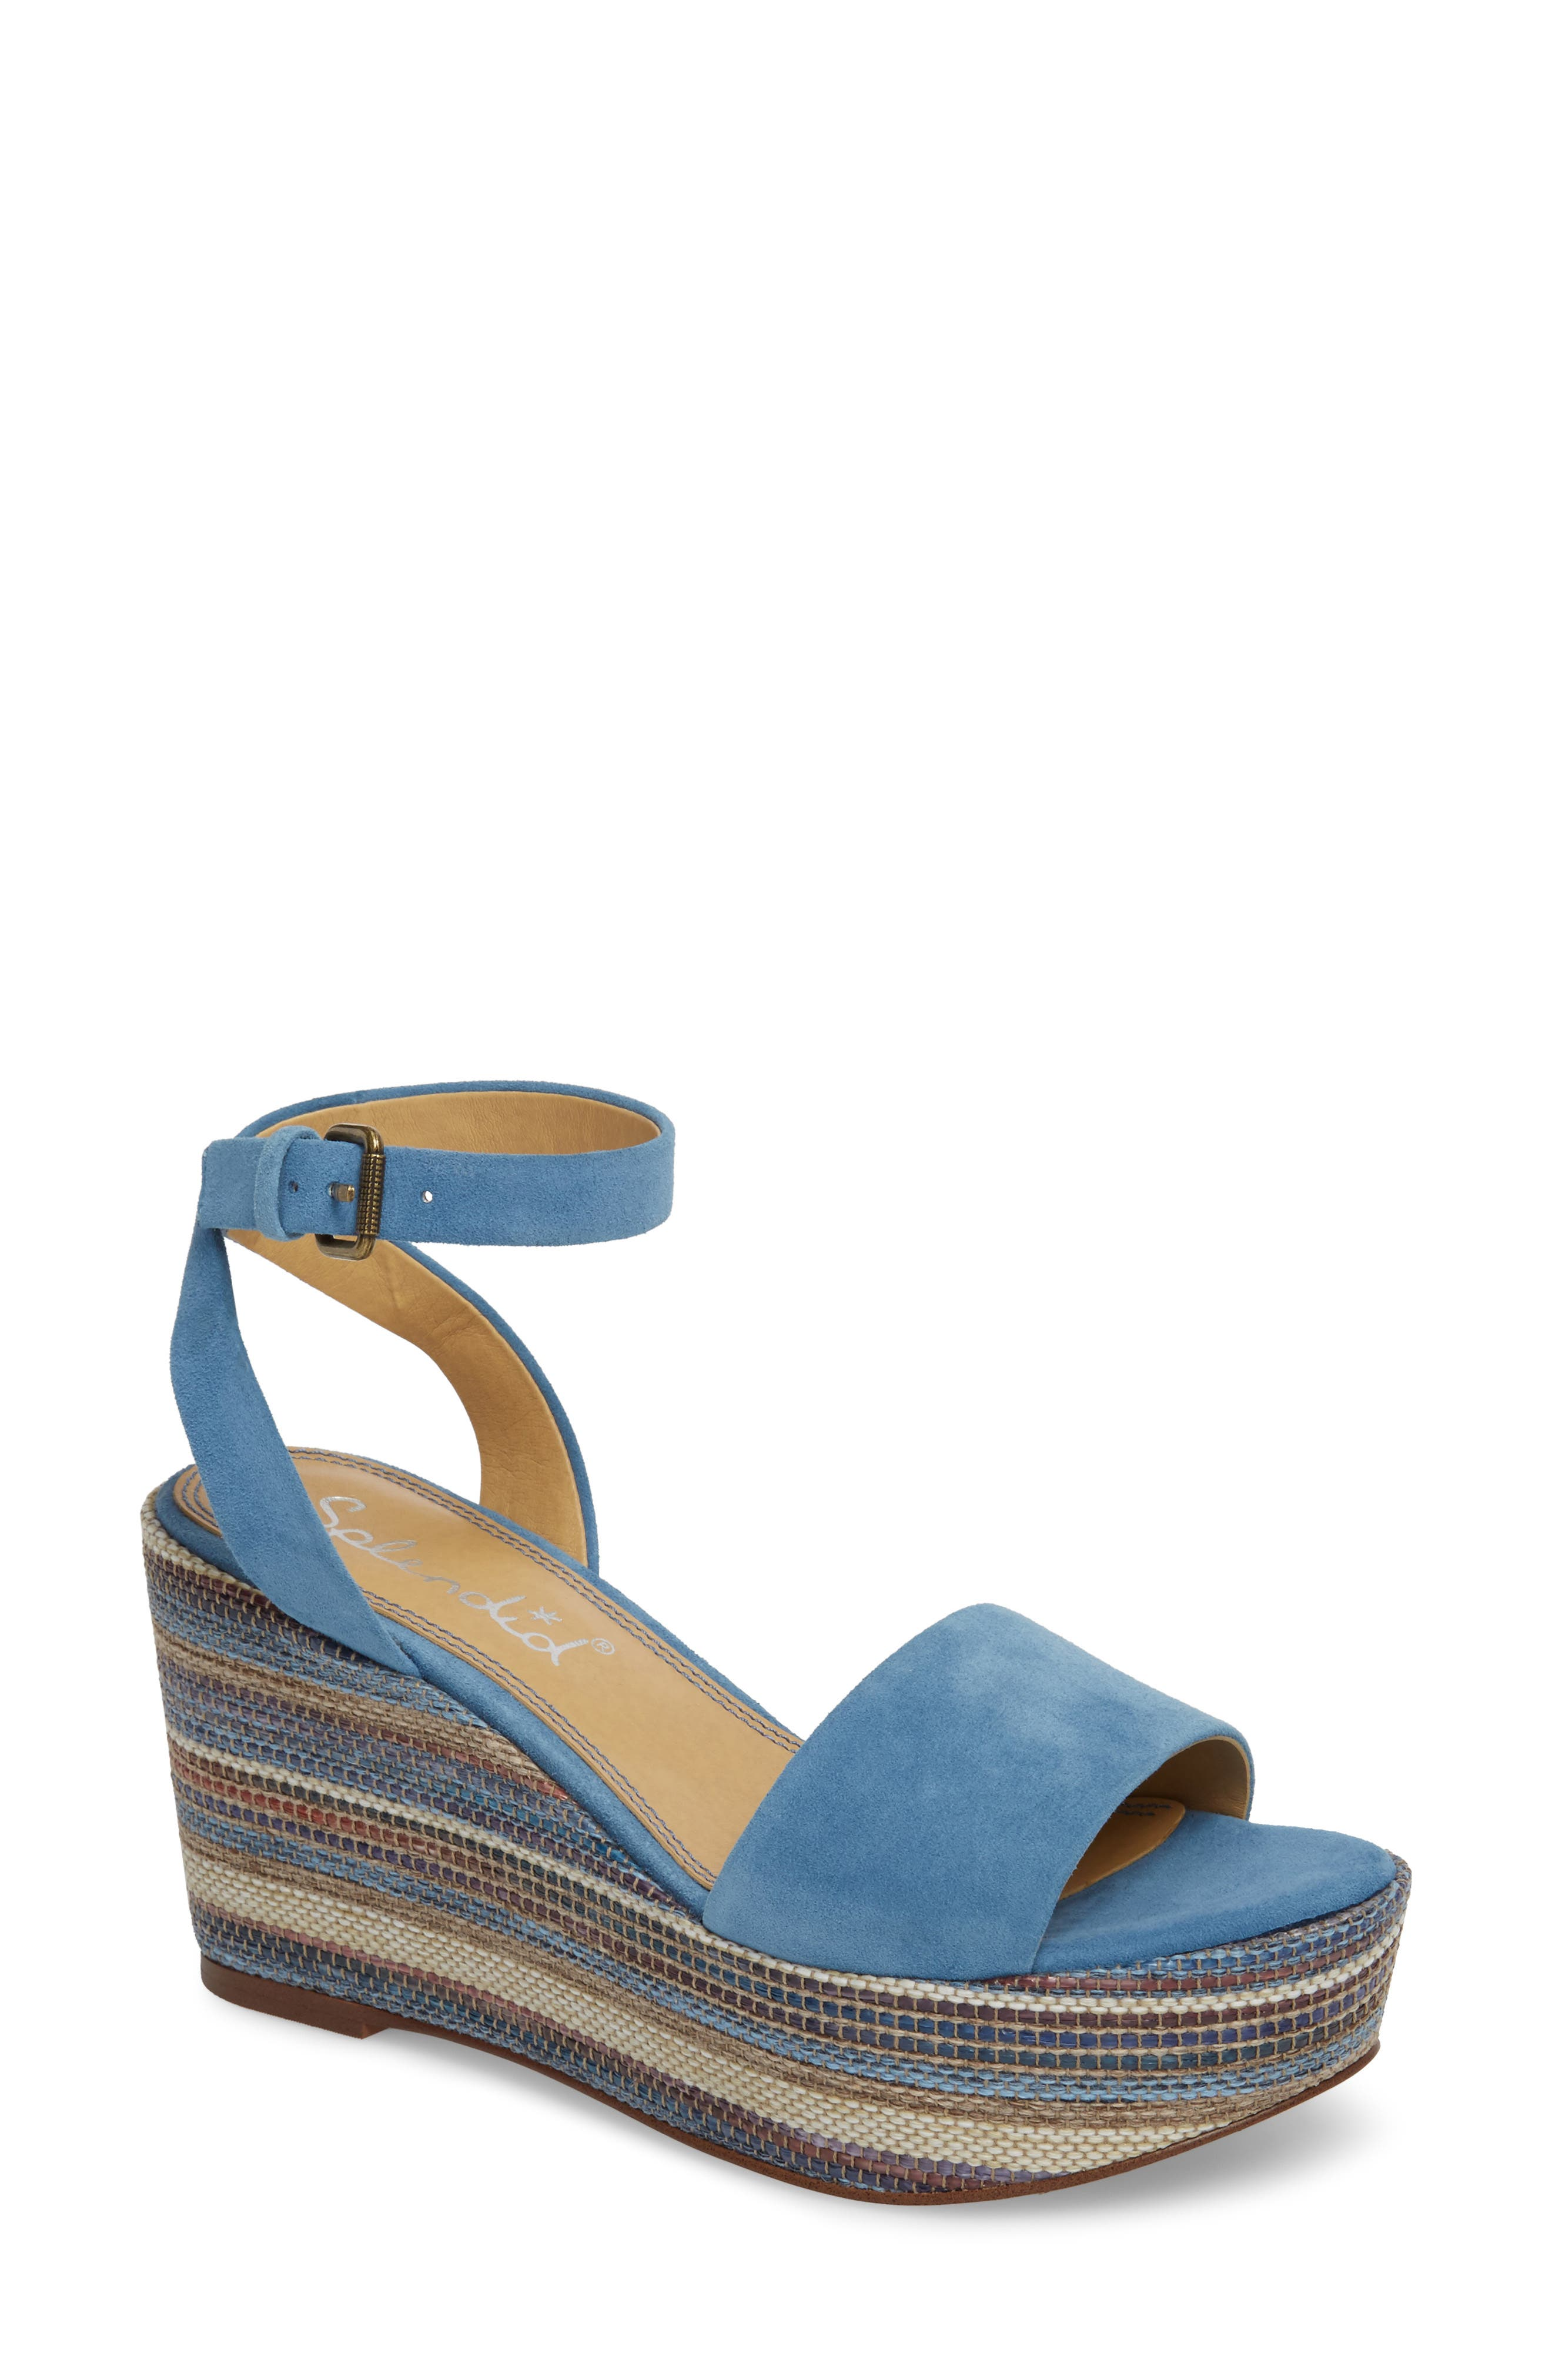 Felix Platform Wedge Sandal,                             Main thumbnail 1, color,                             BLUE HORIZON SUEDE